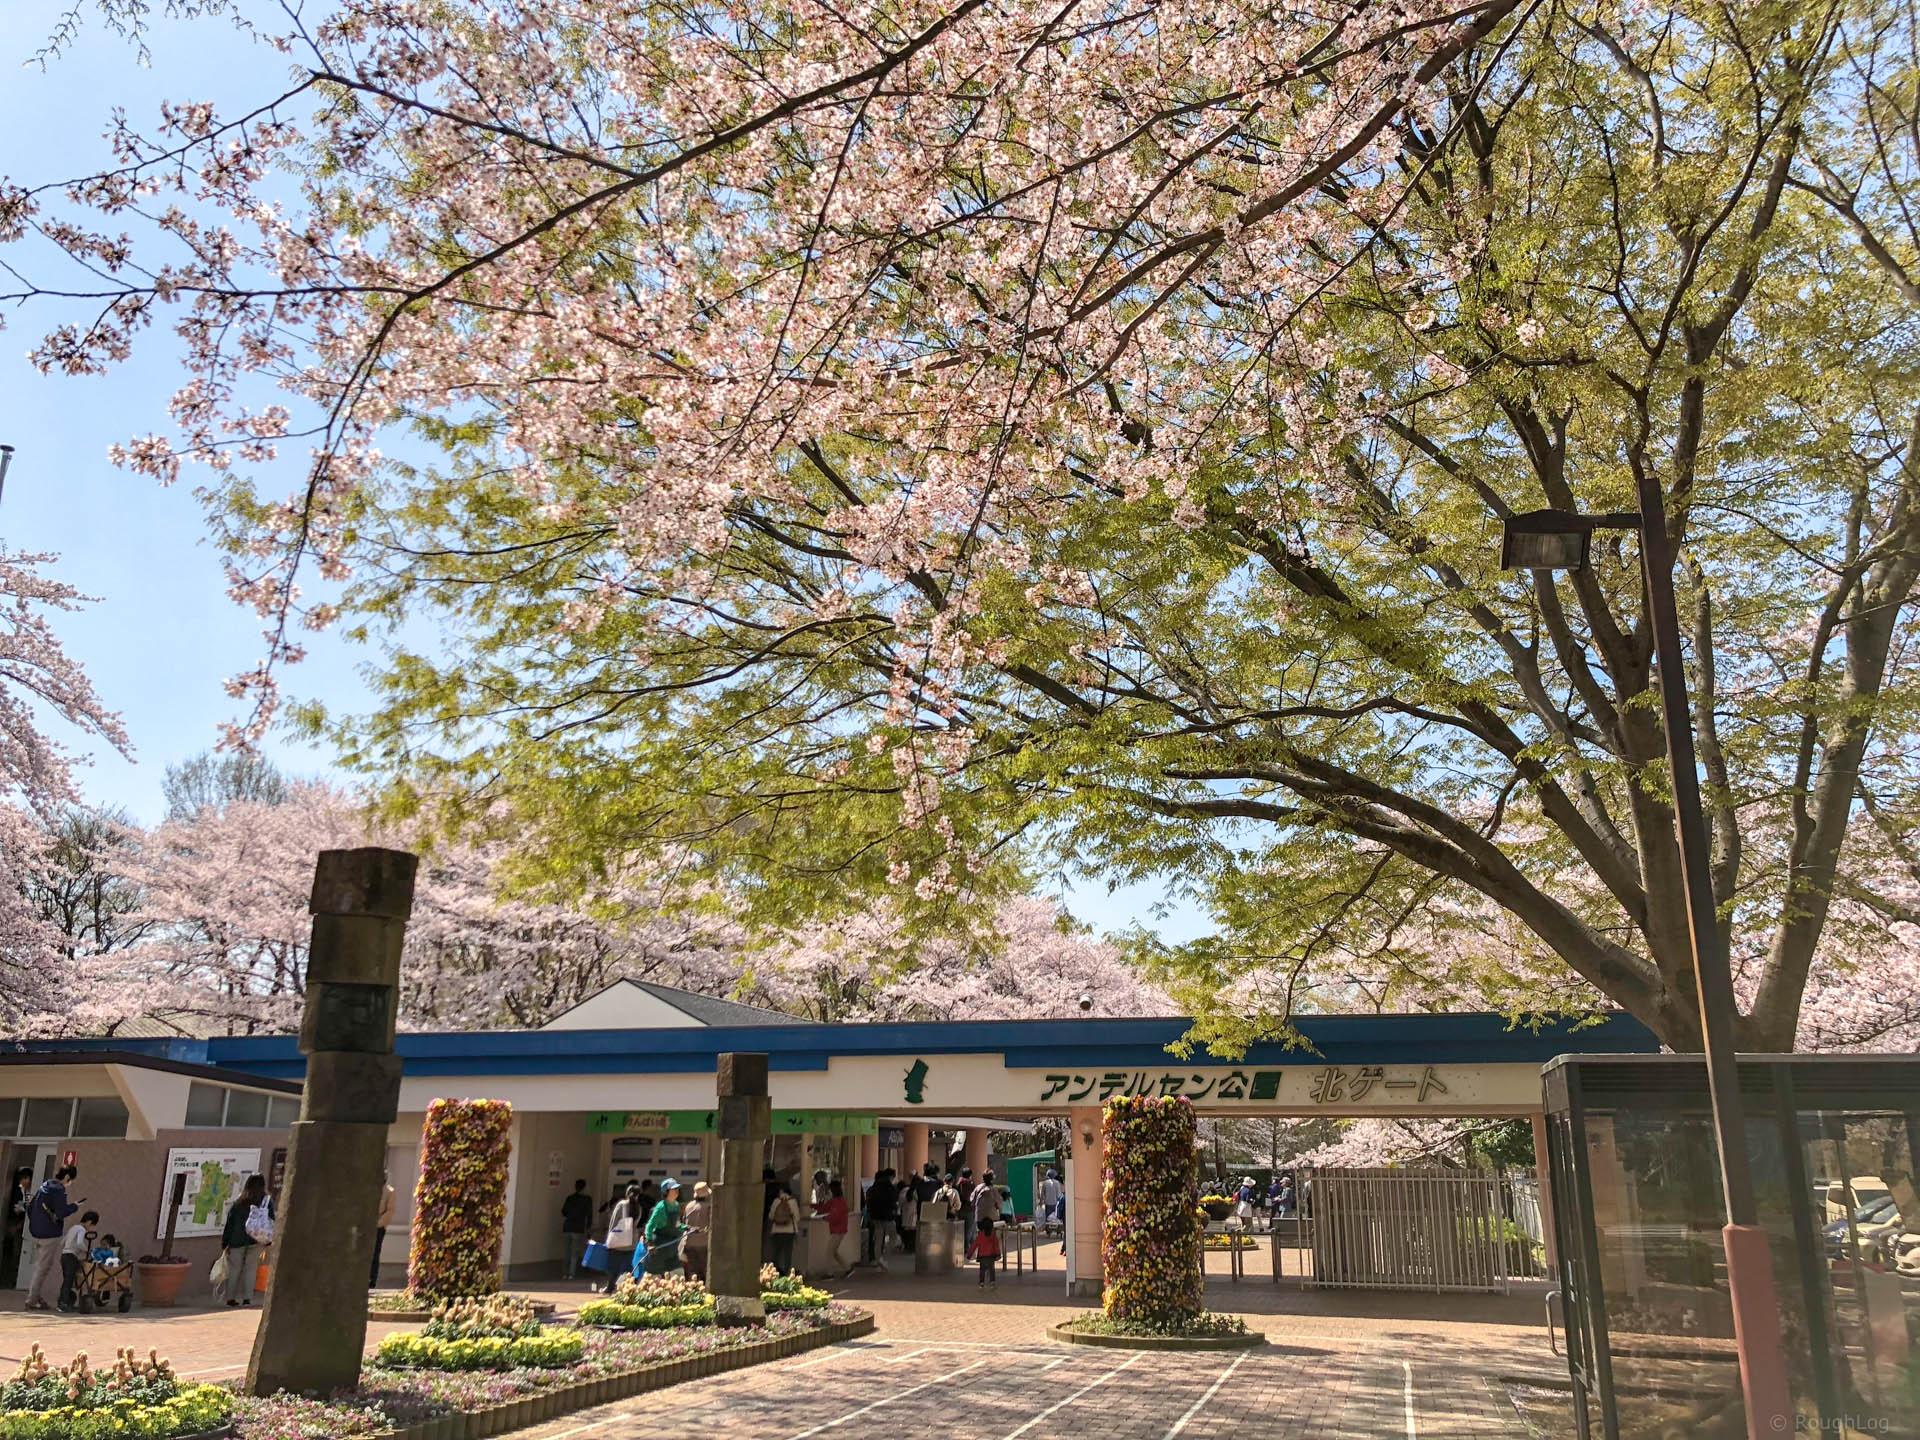 千葉県船橋市の「ふなばしアンデルセン公園」北ゲート